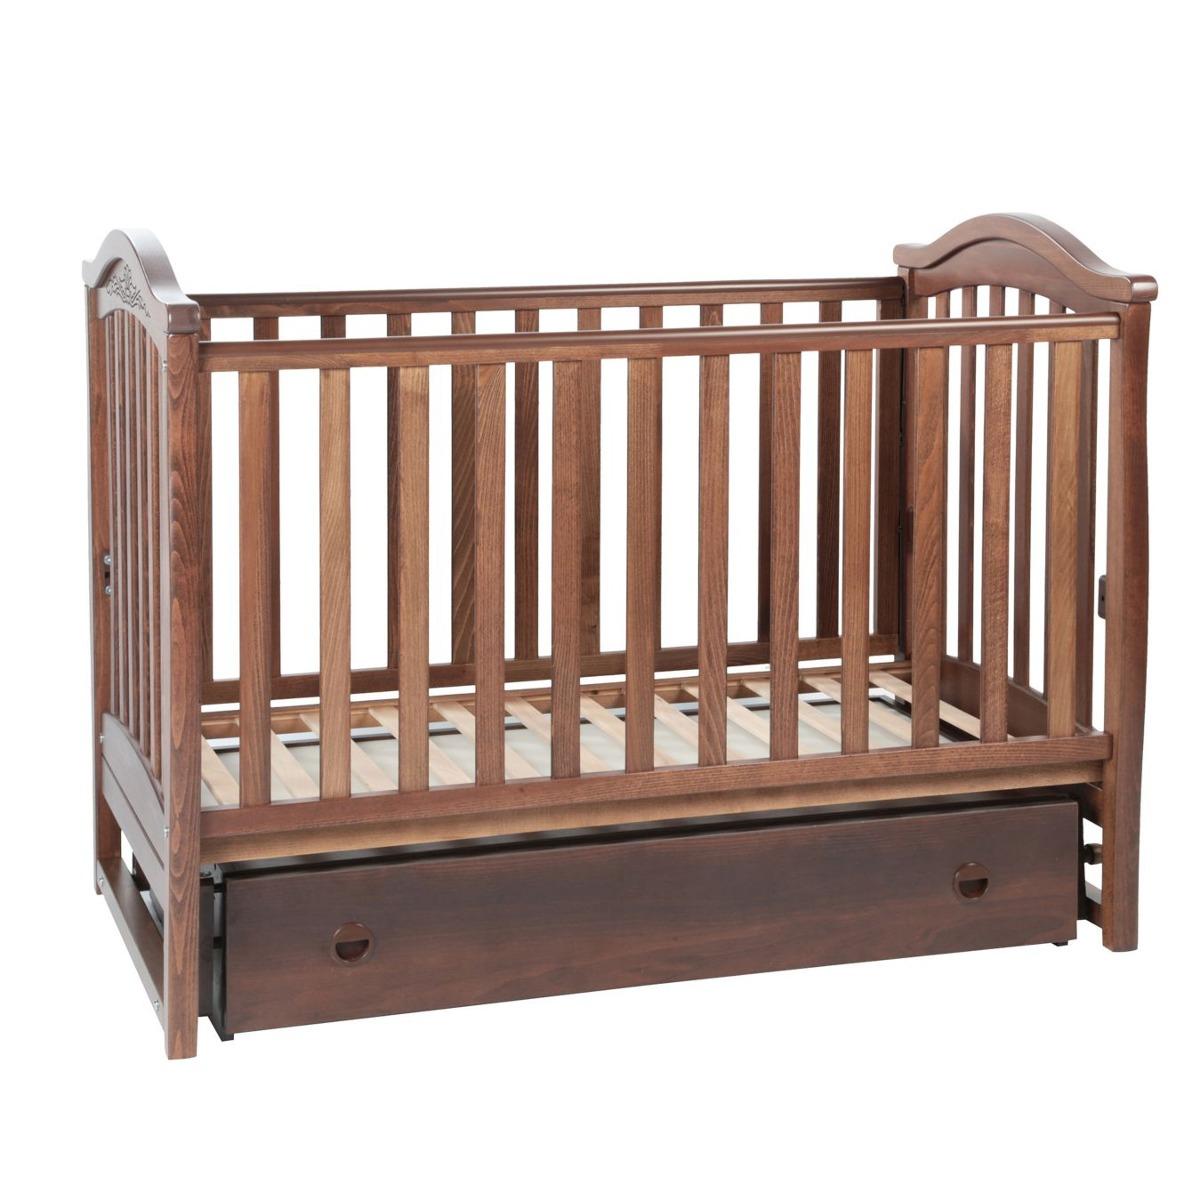 Cuna Para Bebé Con Cajones Muebles Muebles Acu2 - $ 260.000 en ...